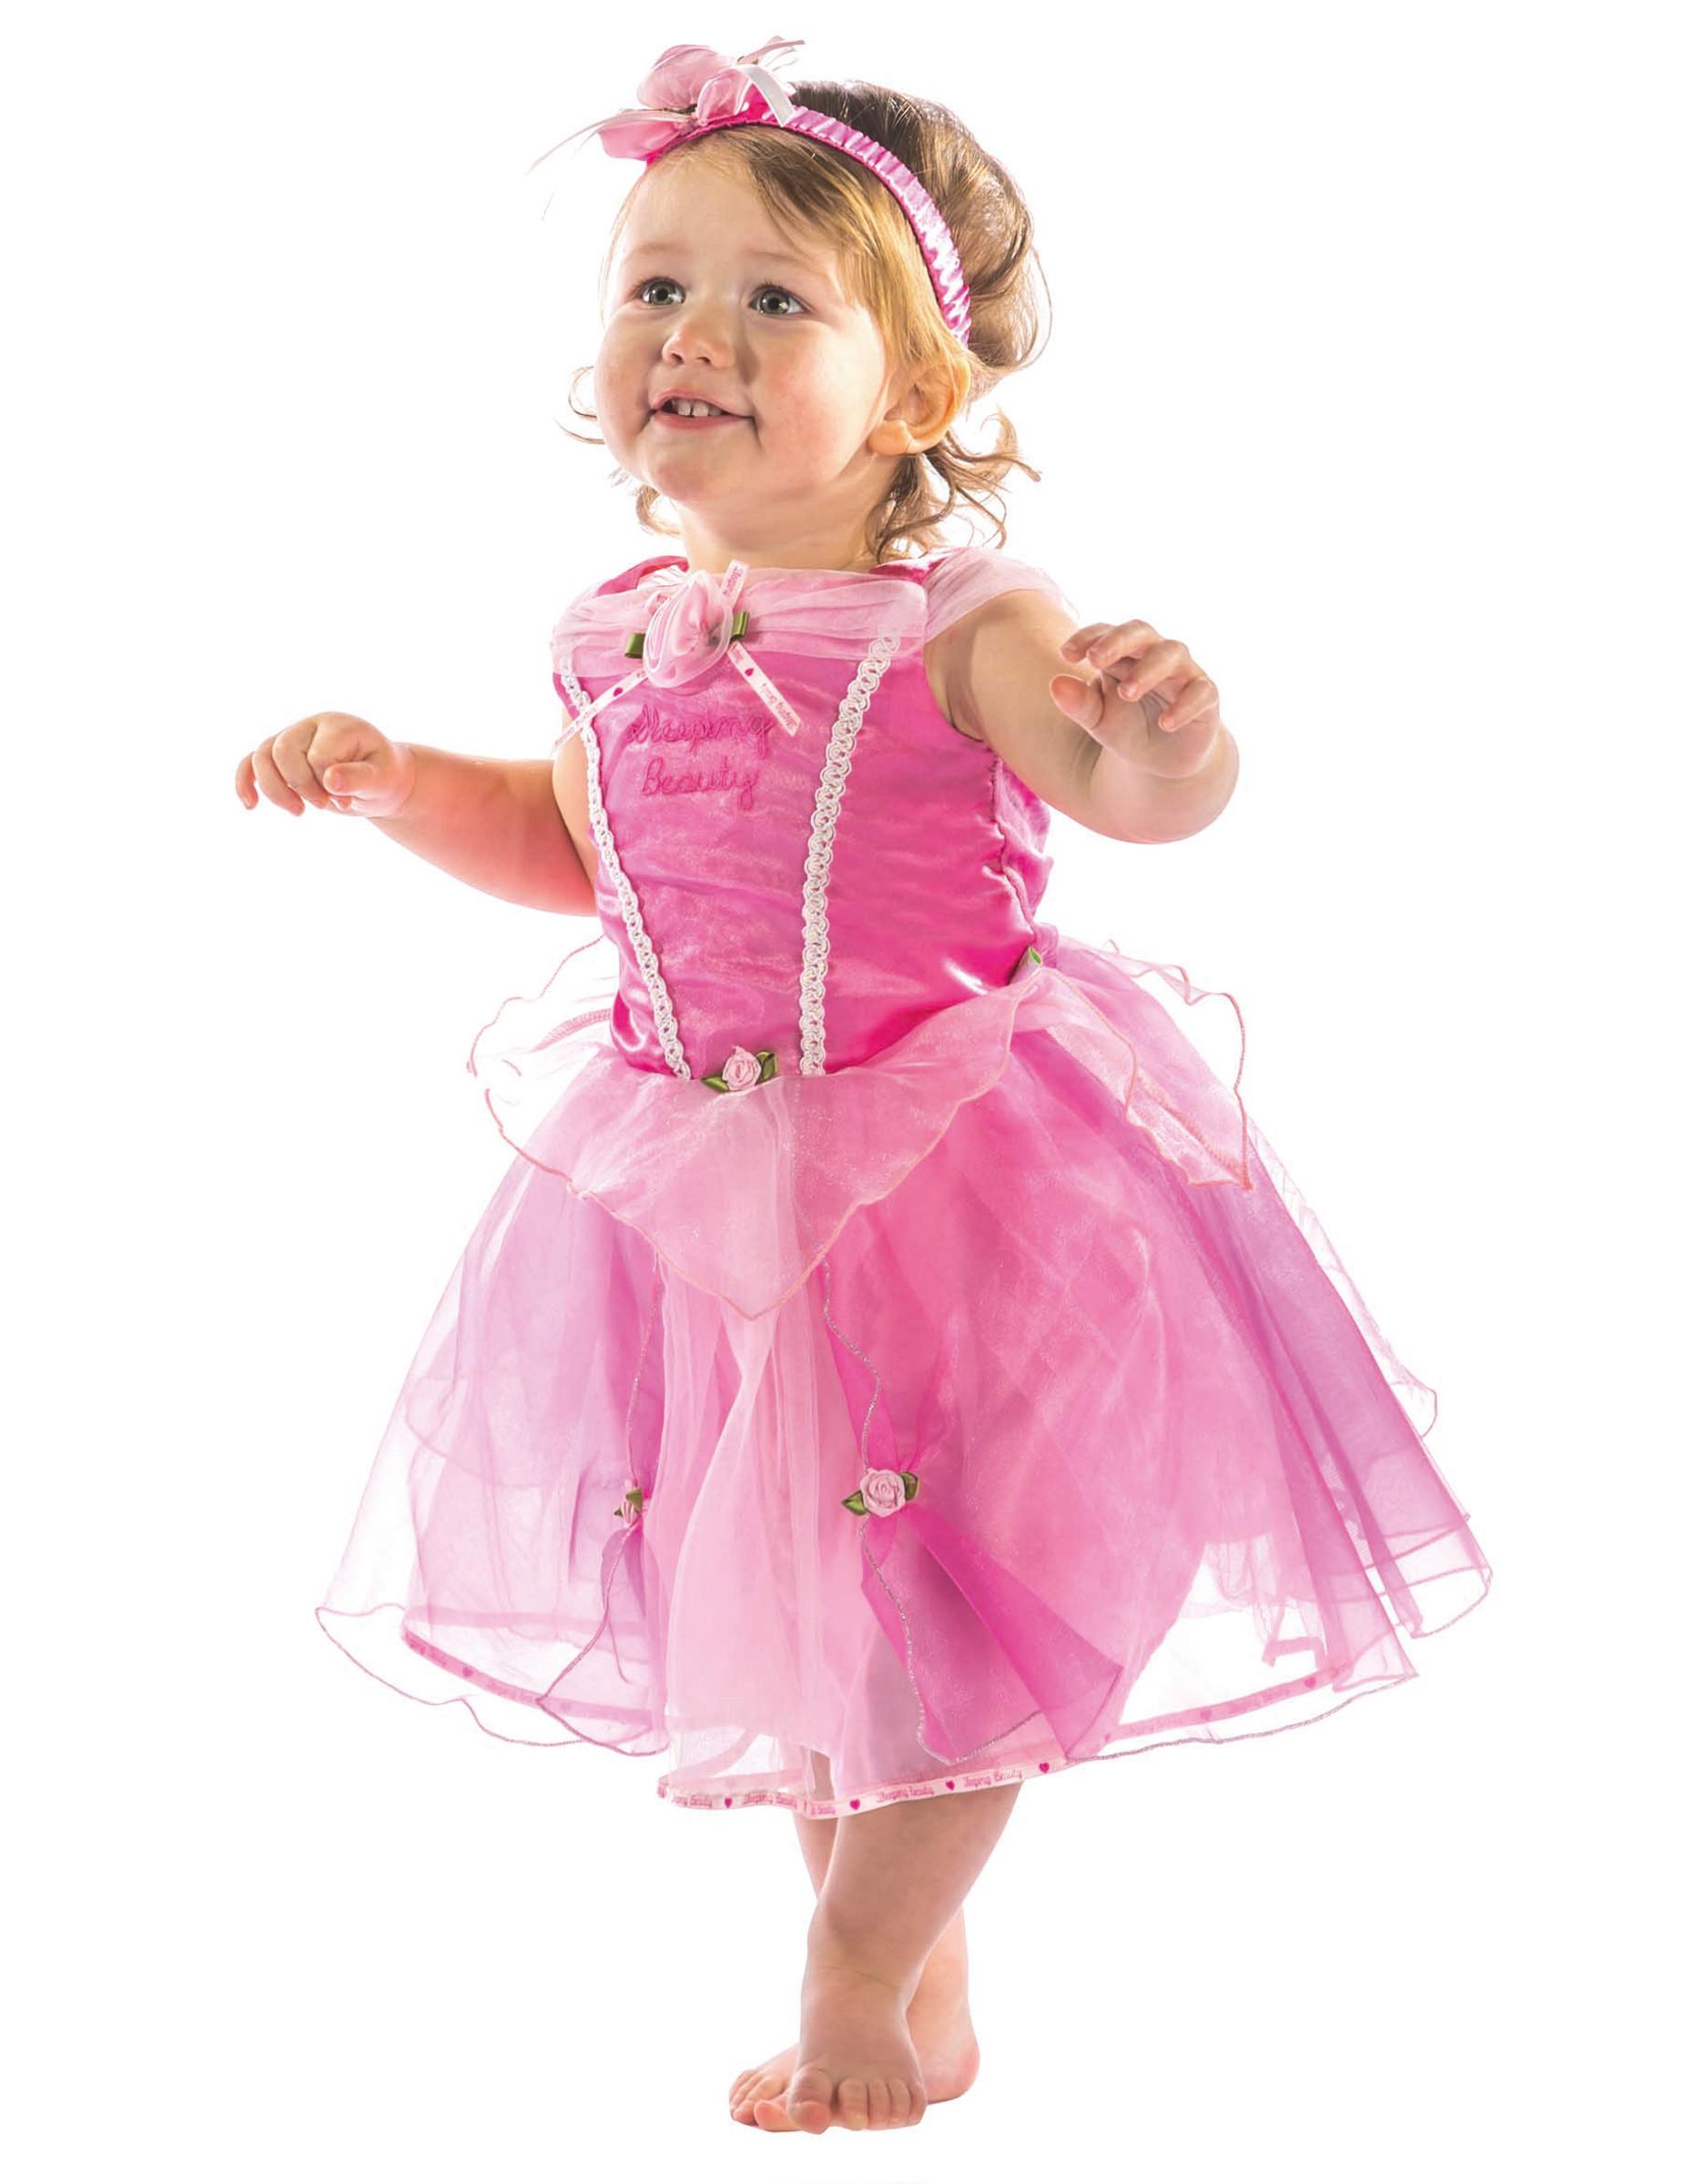 D guisement luxe aurore b b d coration anniversaire et f tes th me sur vegaoo party - Deguisement princesse aurore ...